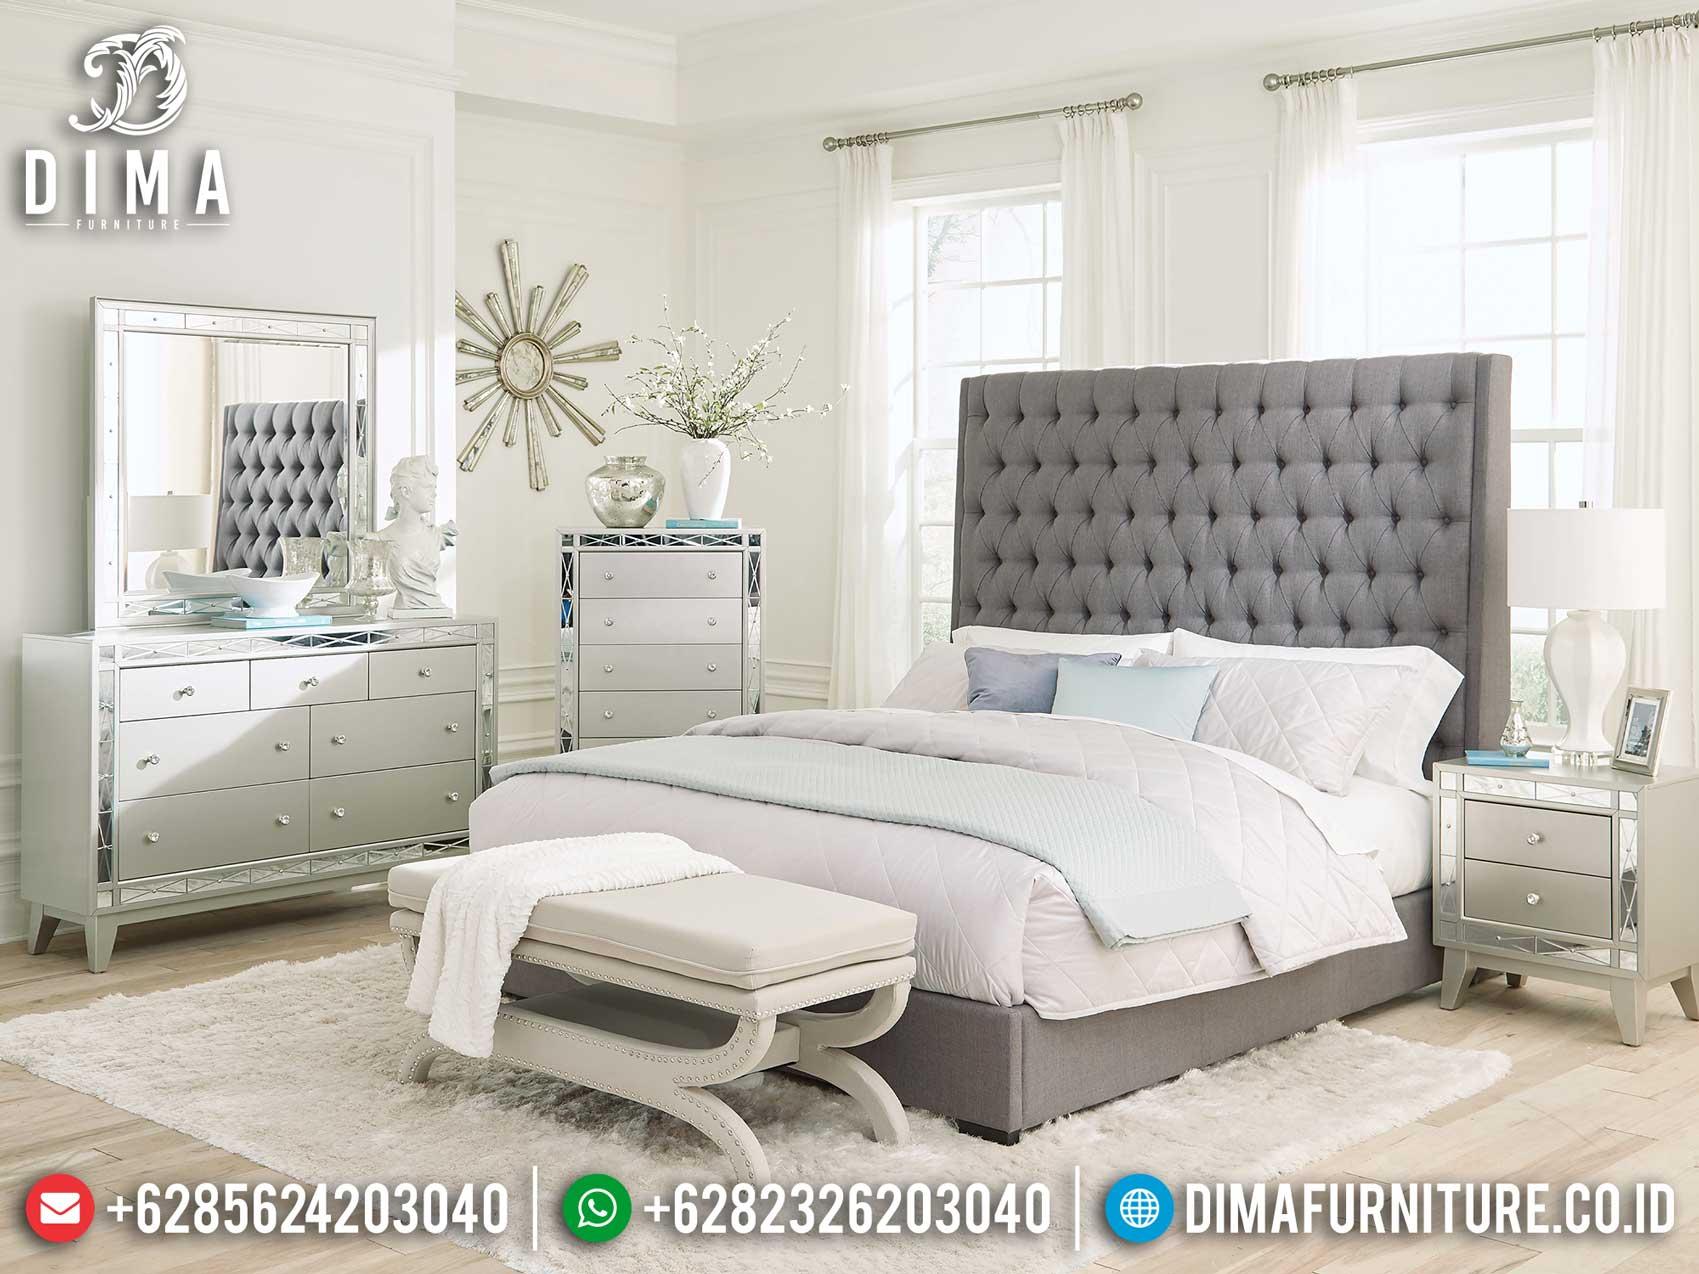 New Set Tempat Tidur Mewah Minimalis Design Harga Terjangkau Style Terbaru TTJ-1175